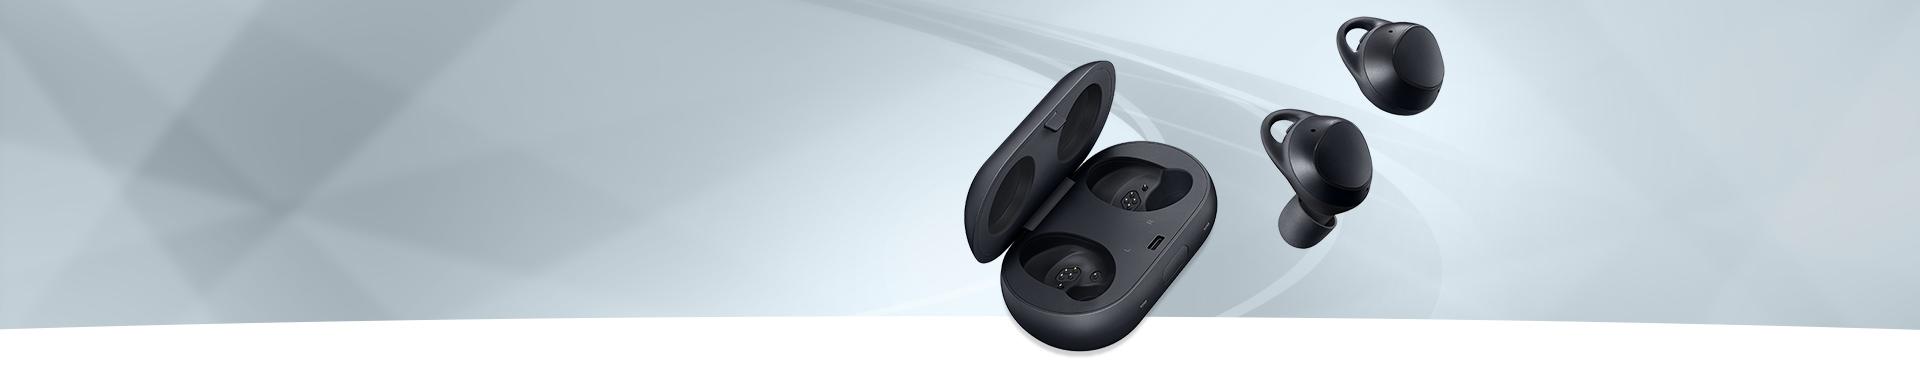 Samsung Gear IconX, Platinum Ayrıcalığıyla Turkcell'de